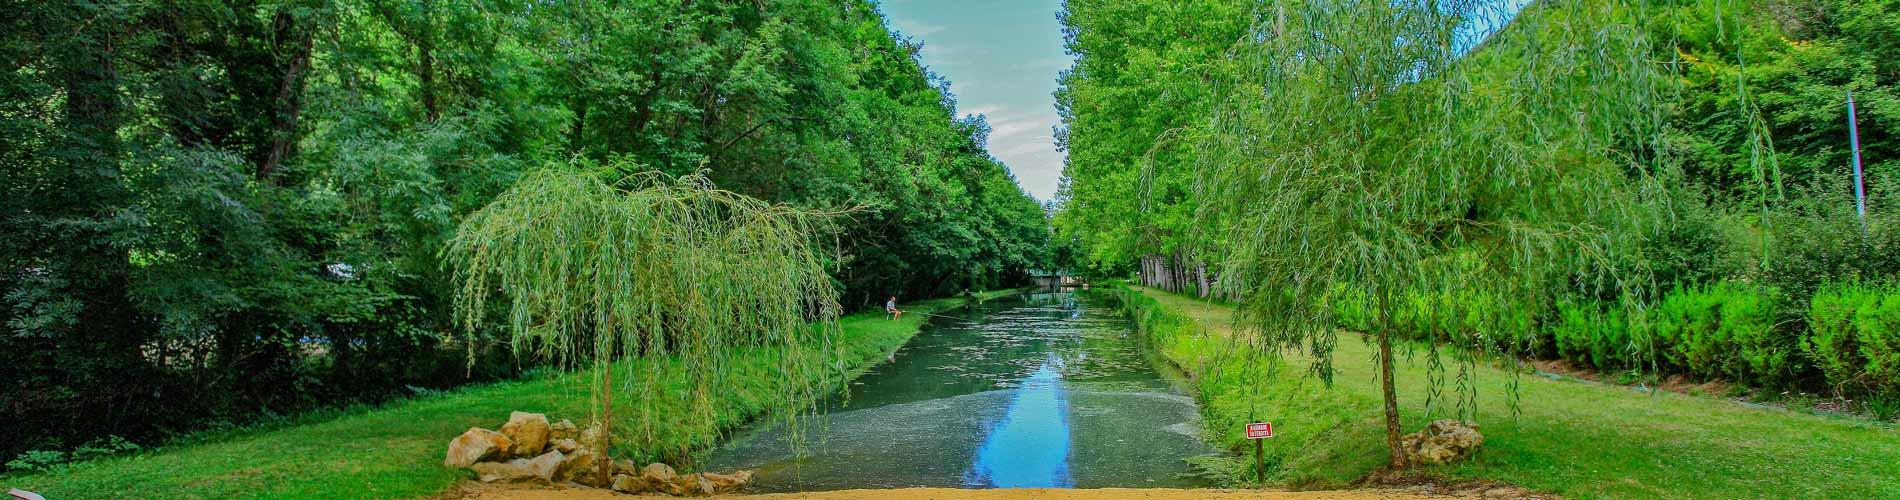 Camping avec étang de pêche Dordogne